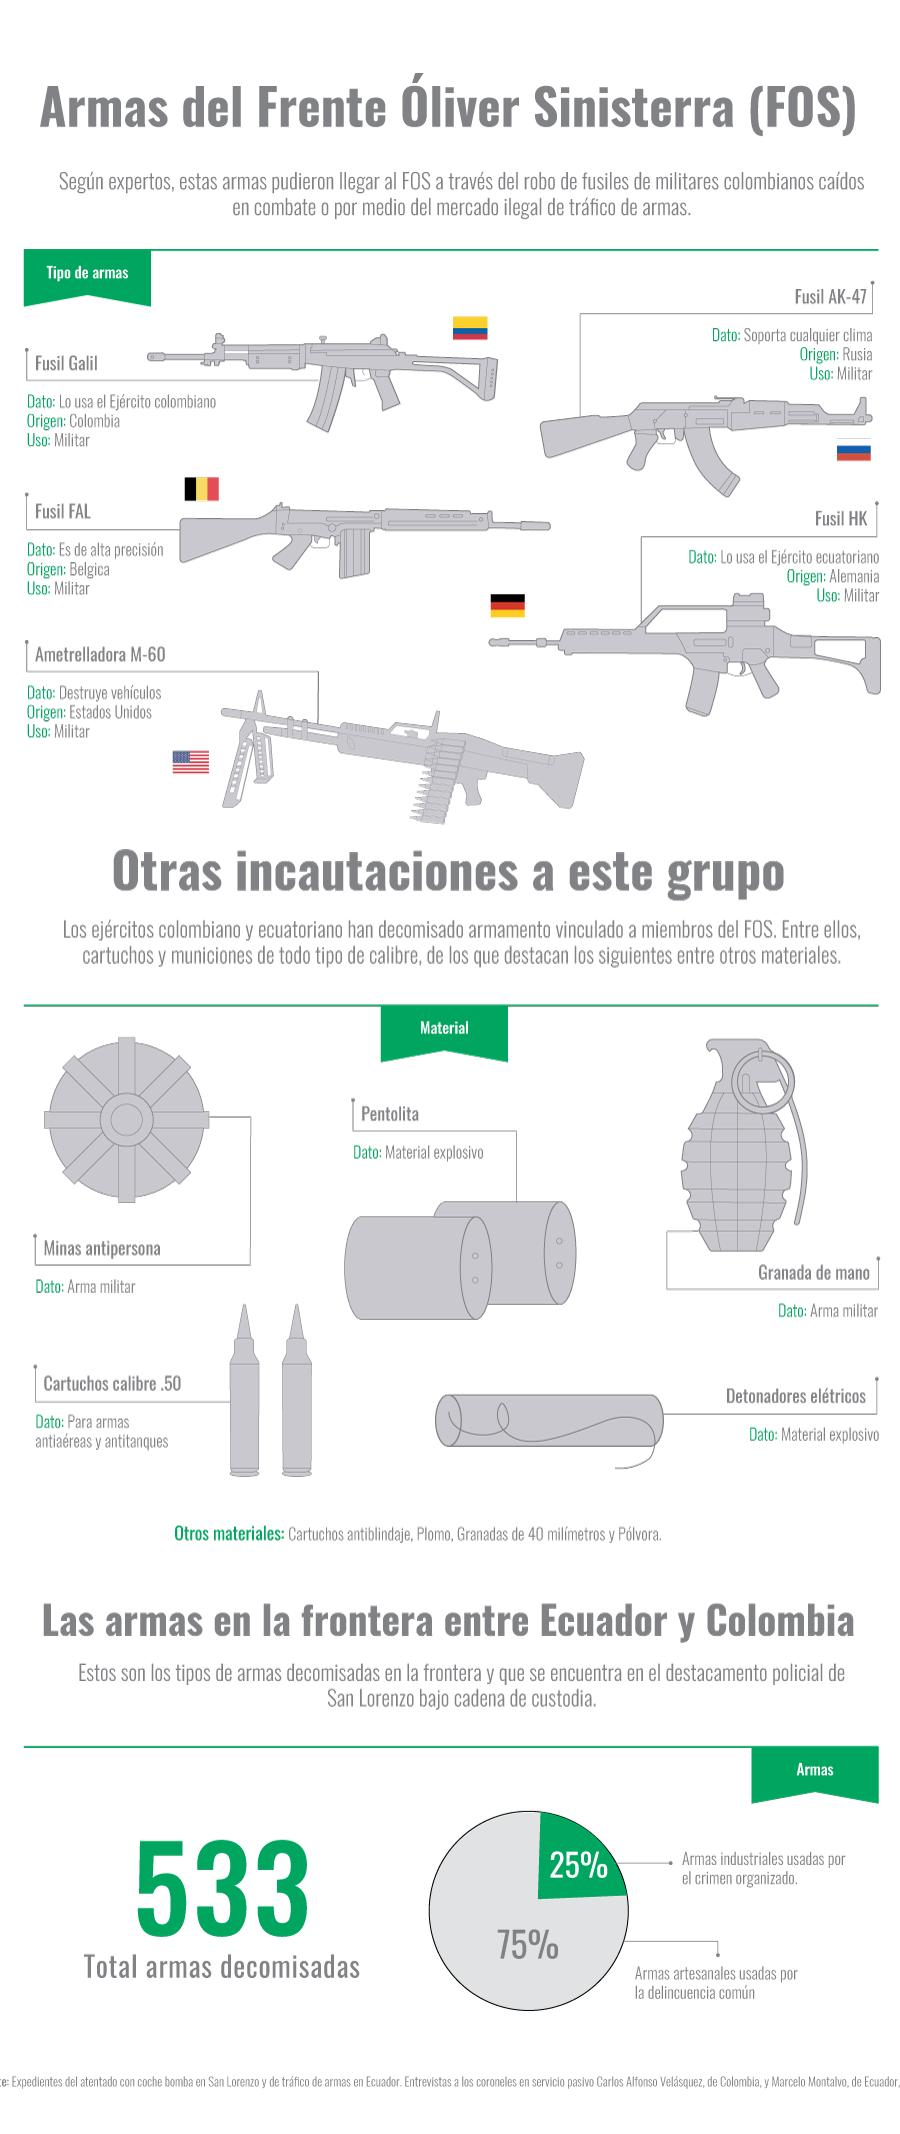 Armas usadas en el Frente Oliver Sinisterra (FOS)